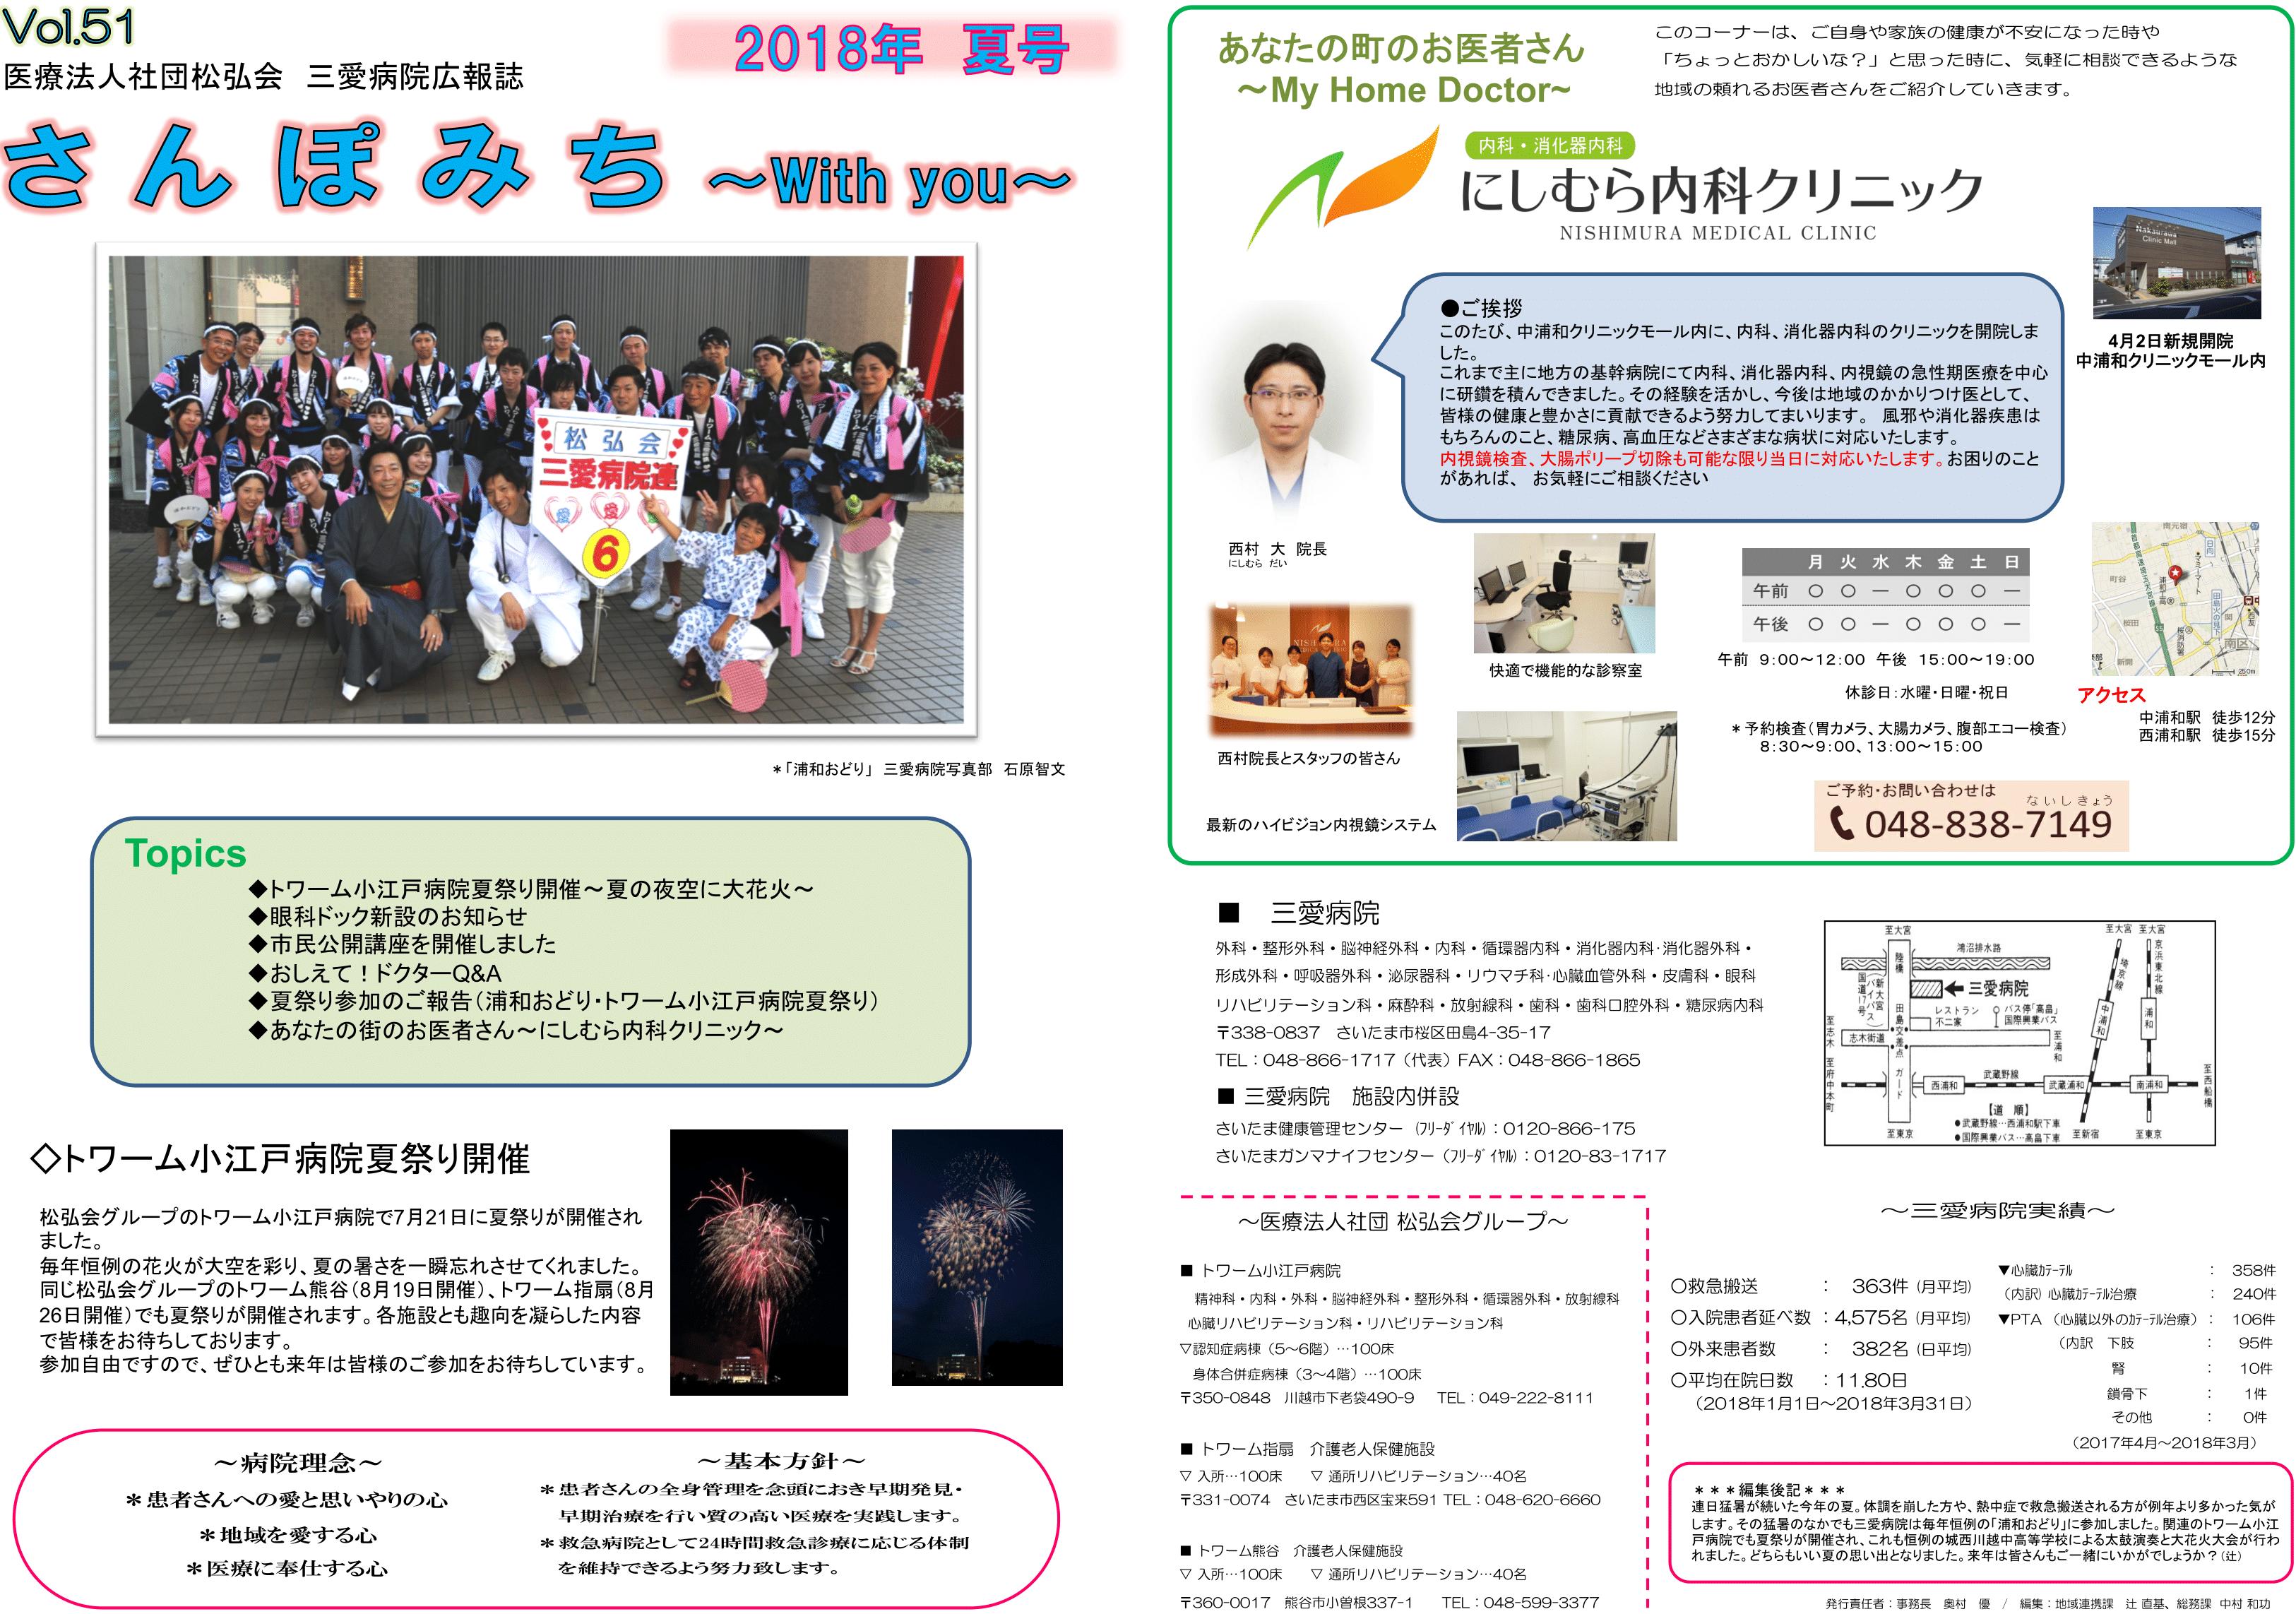 広報誌「さんぽみち with you」Vol.51 夏号